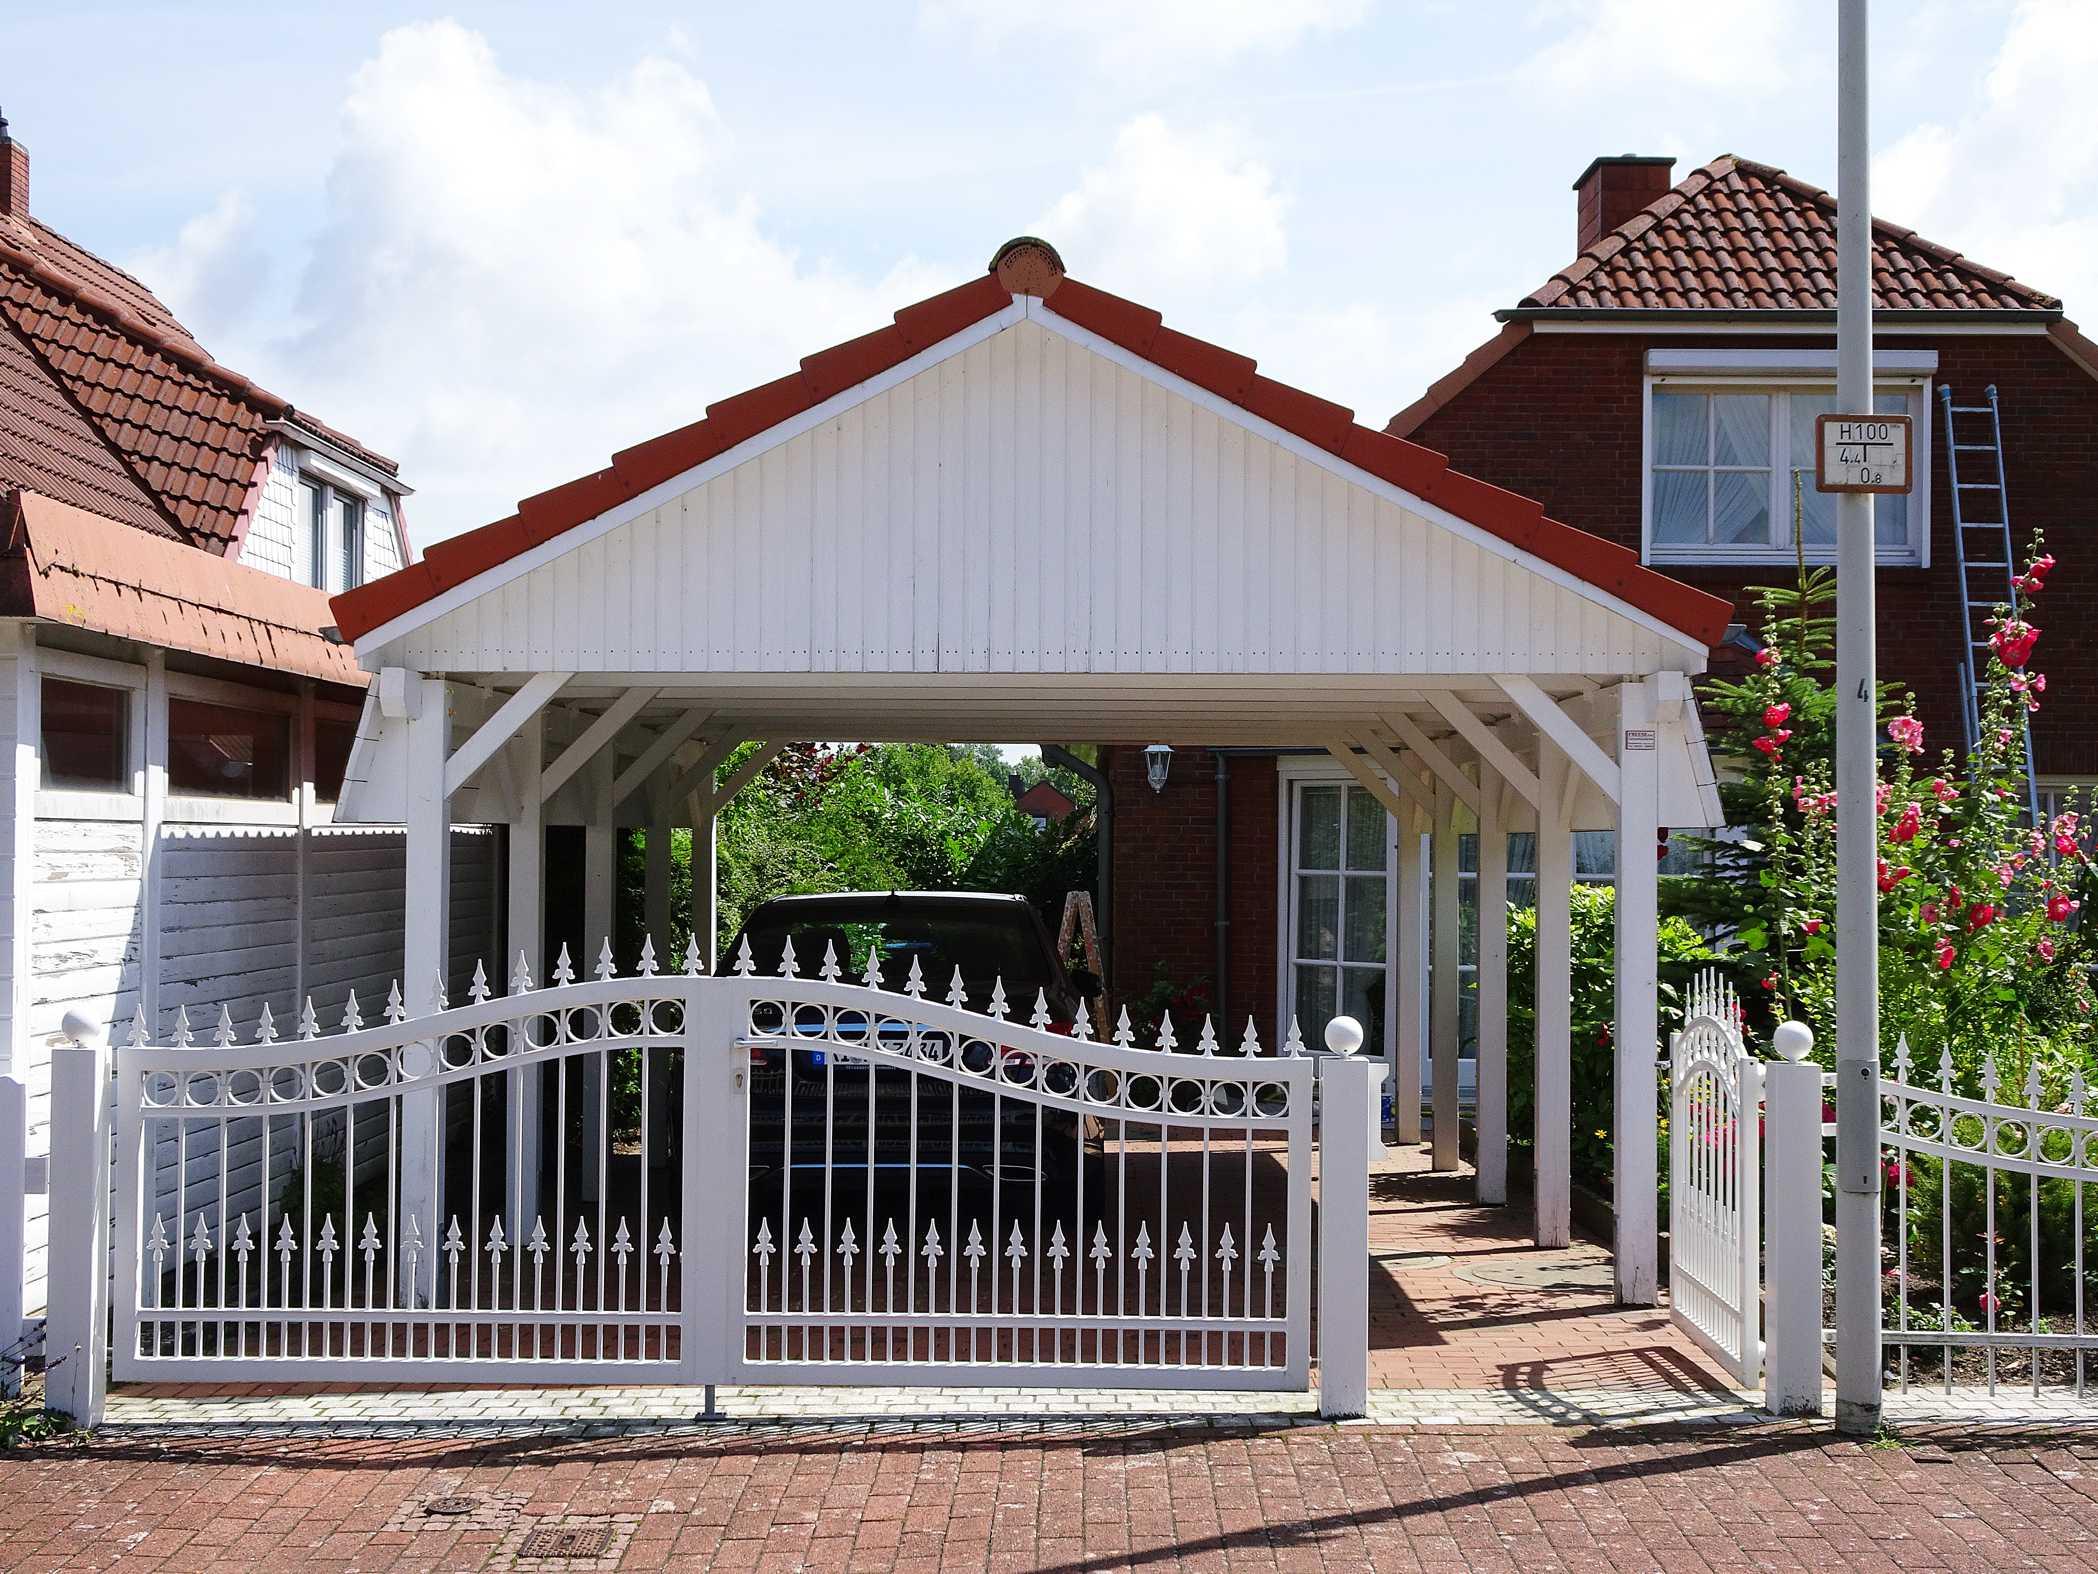 Carport Satteldach rot weiß gestrichen